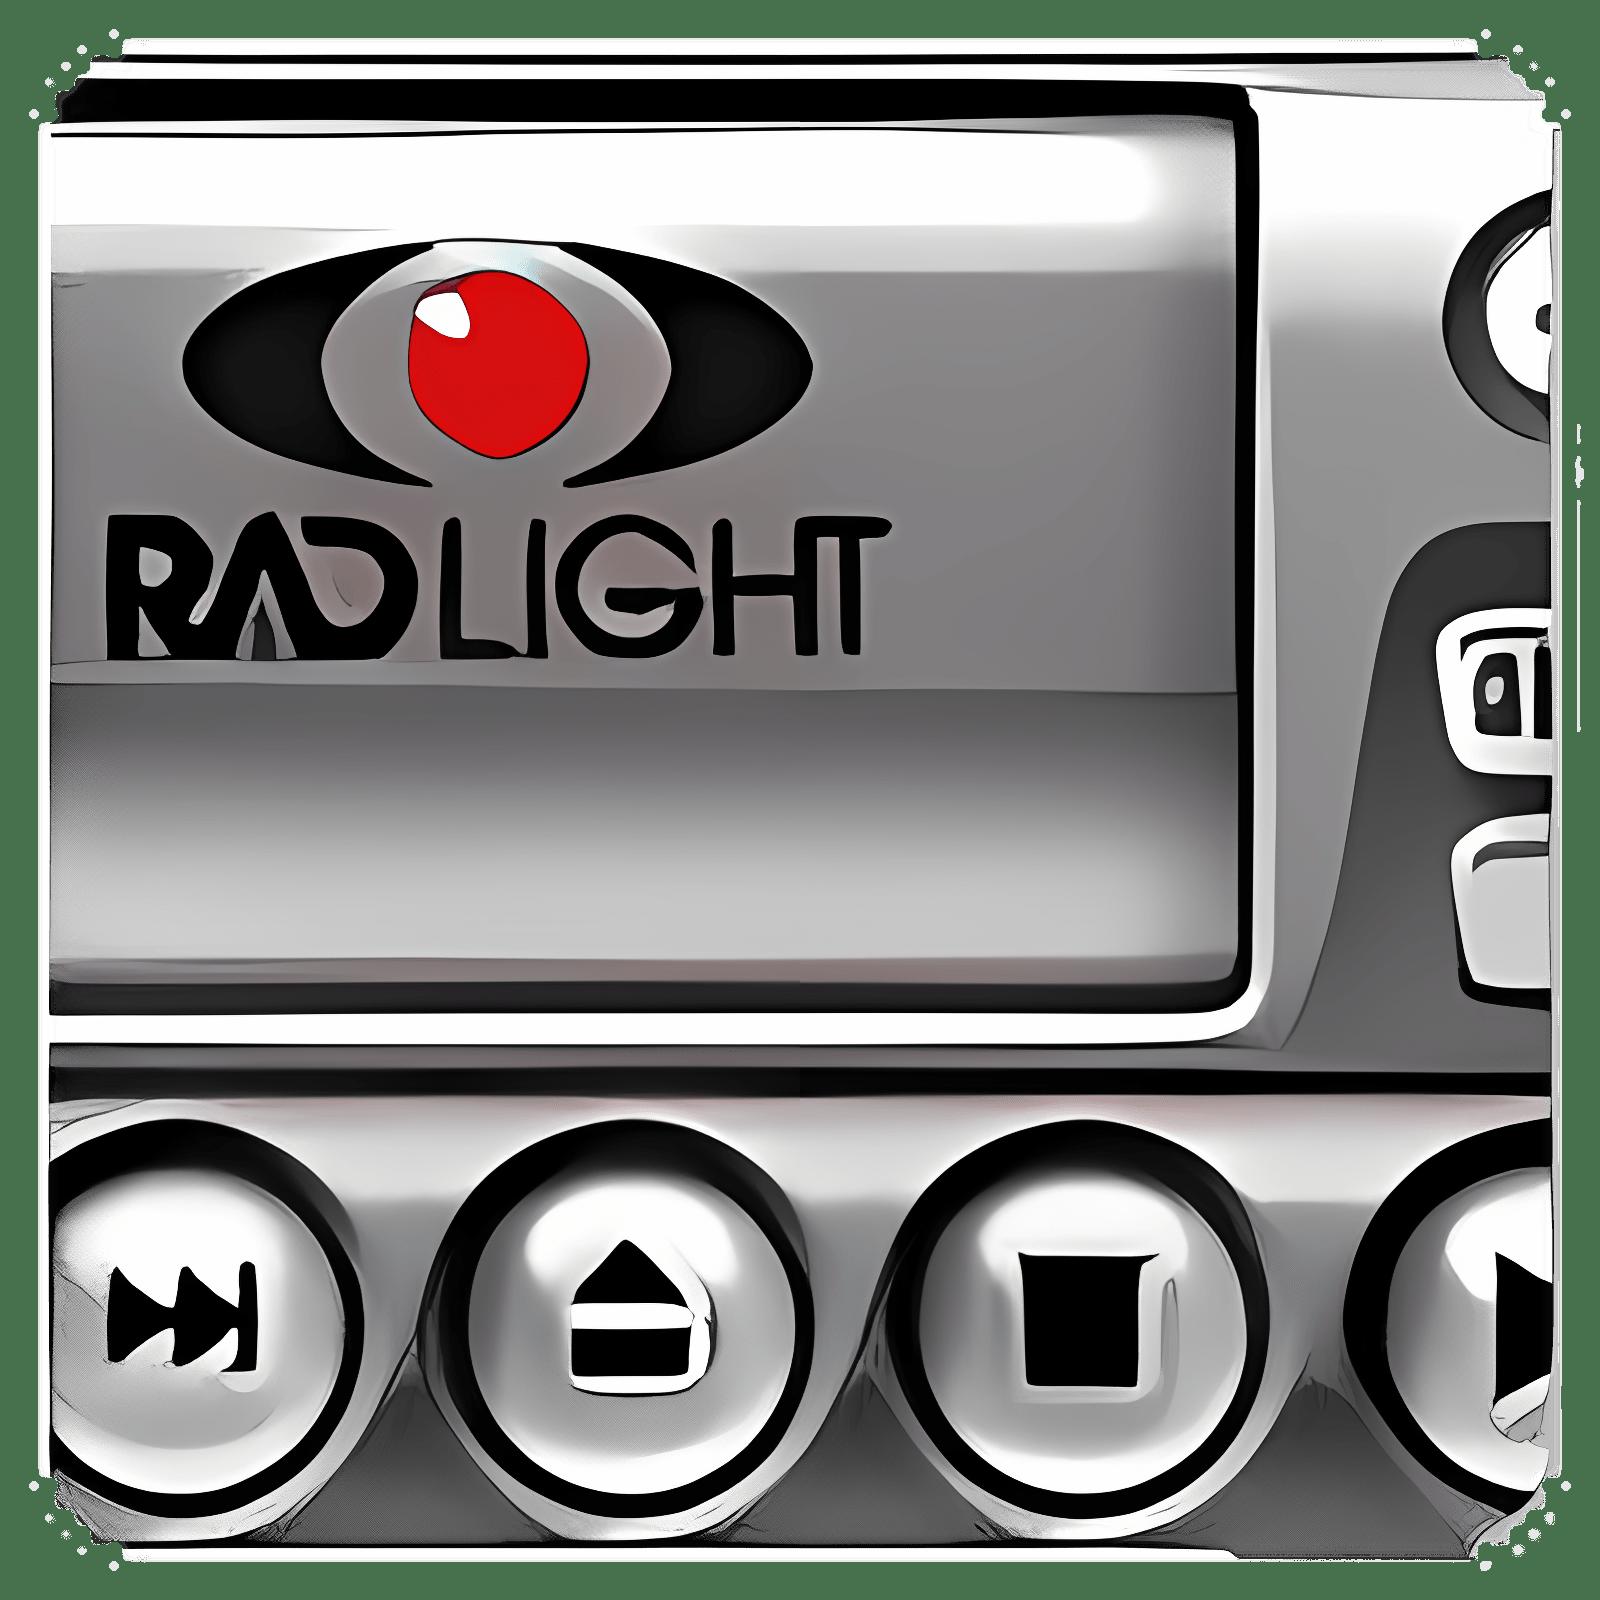 RadLight 4.0